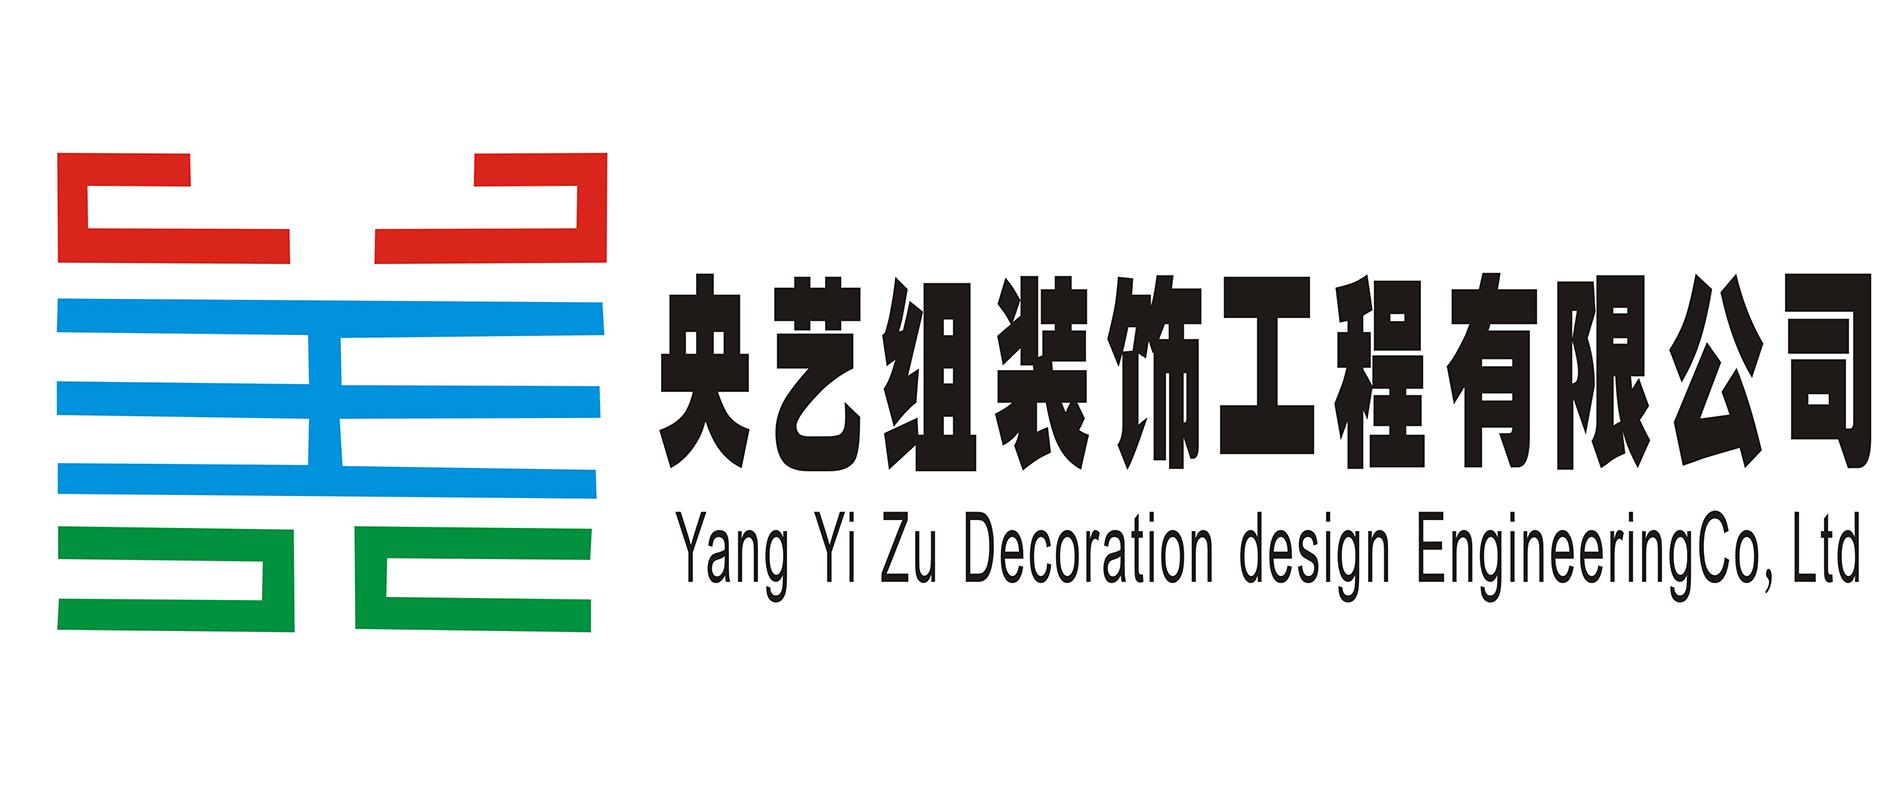 湛江市央艺组装饰设计有限公司